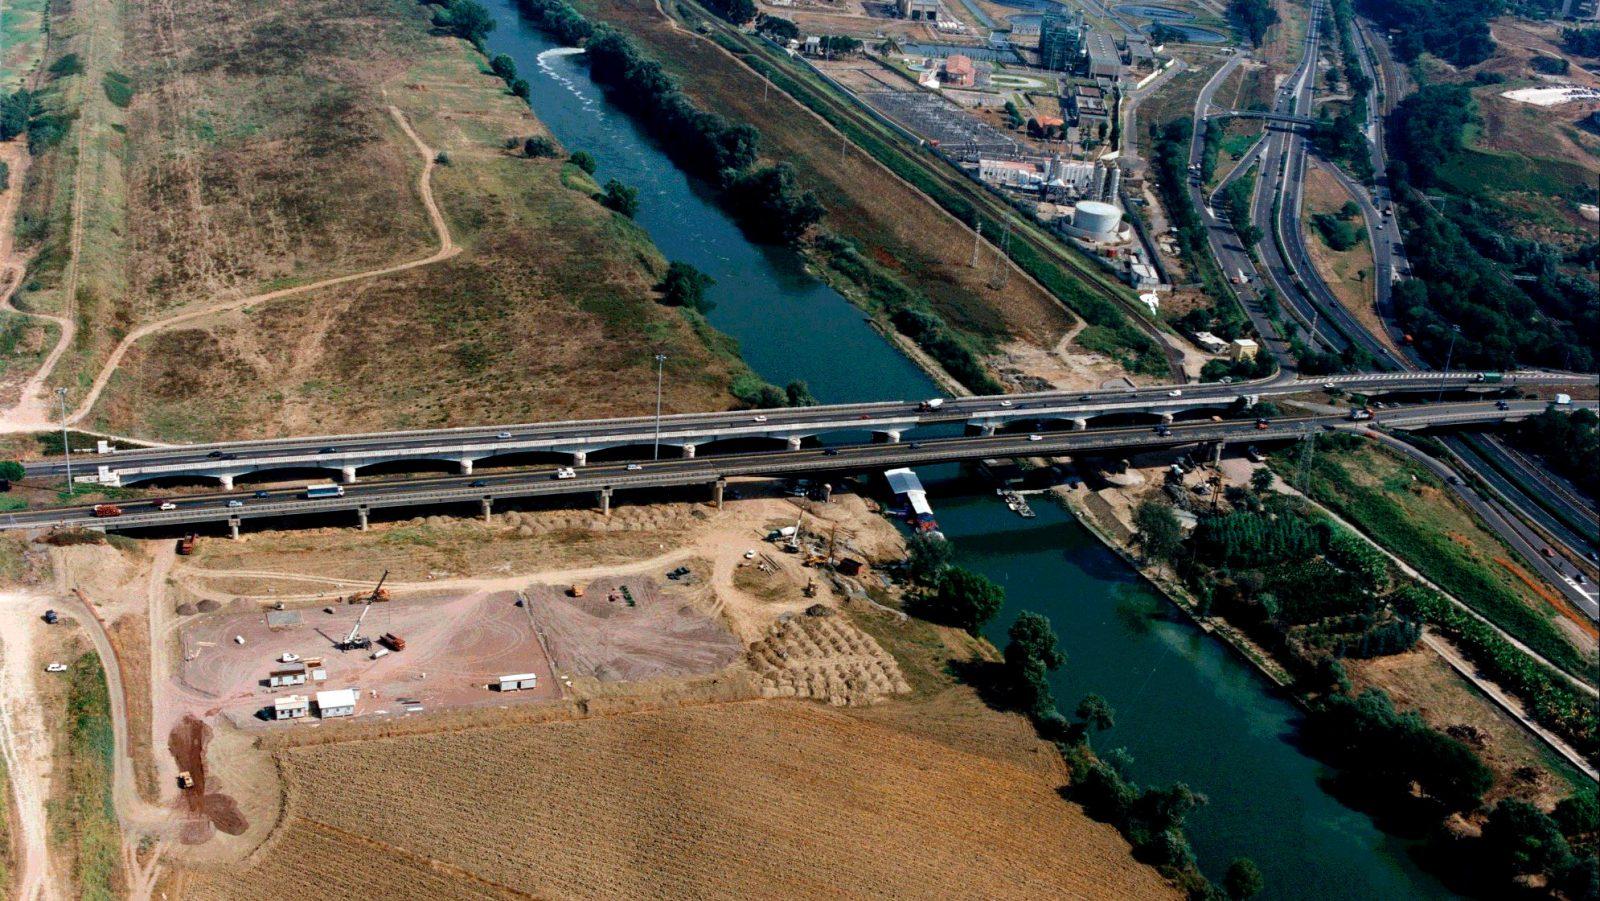 Grande Raccordo Anulare di Roma, veduta aerea del Ponte in località Mezzocammino (Archivio storico Anas)